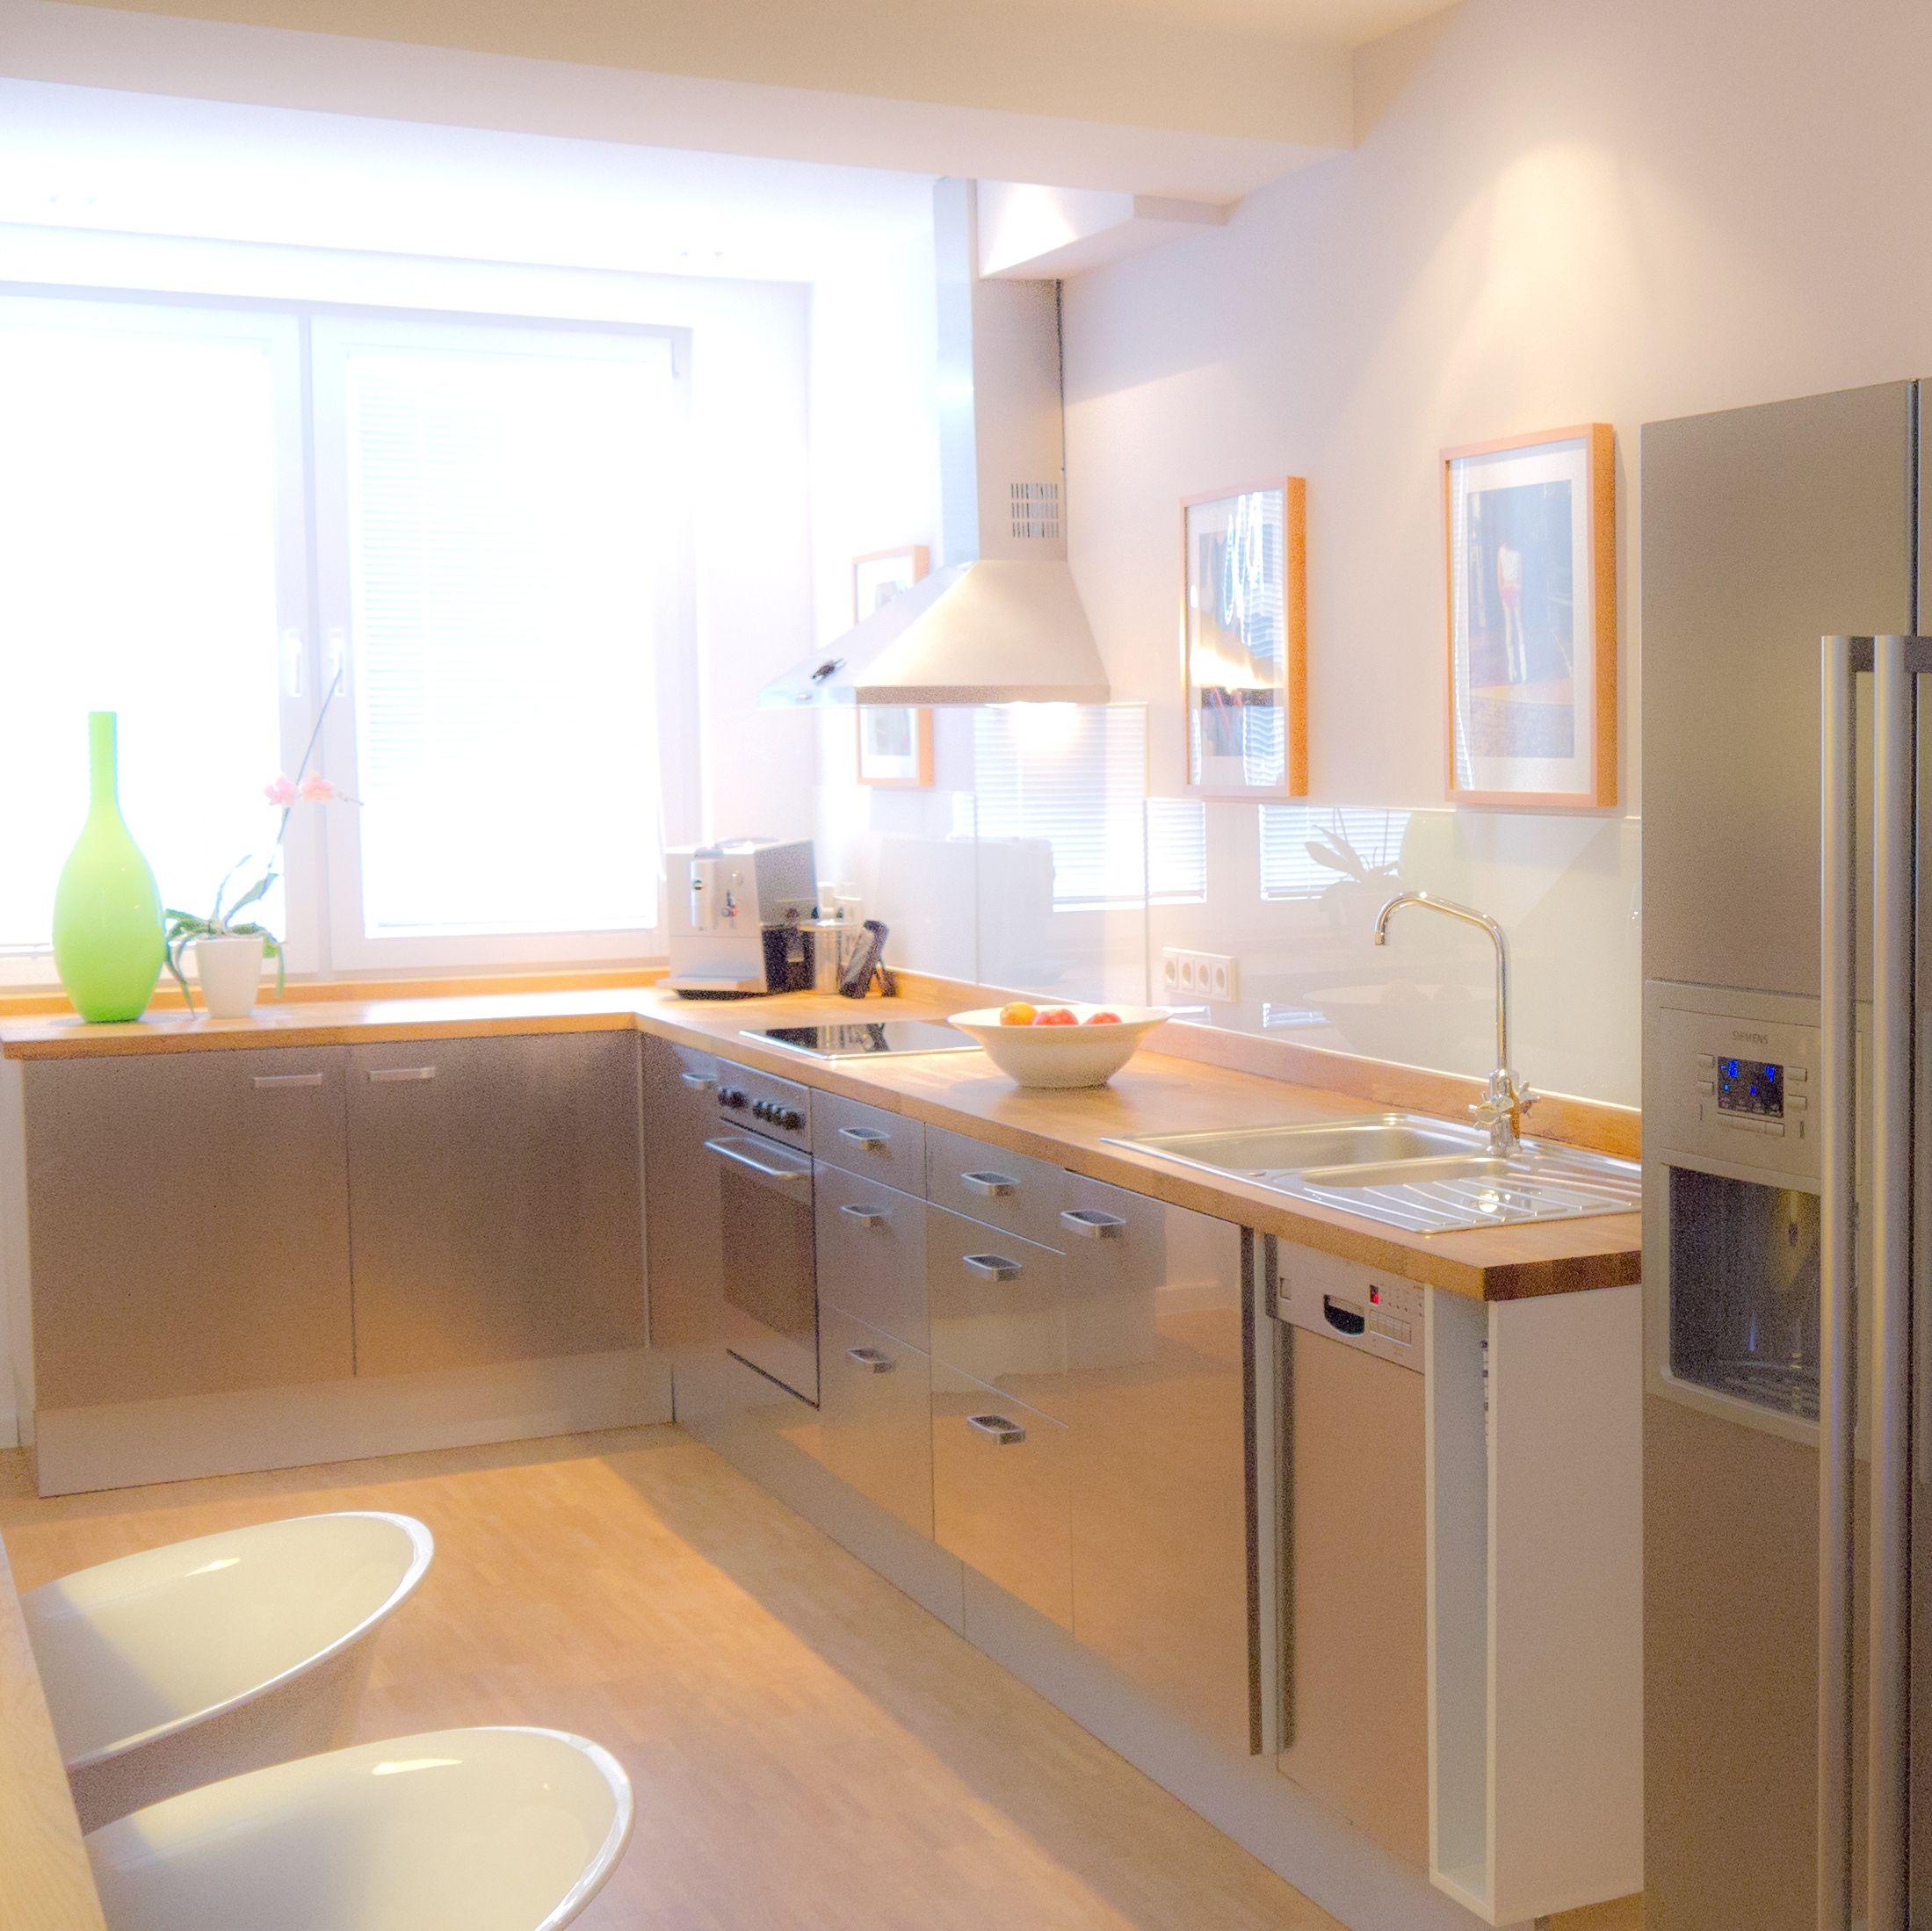 Interior Design, Project, Kitchen, Küche, Interior